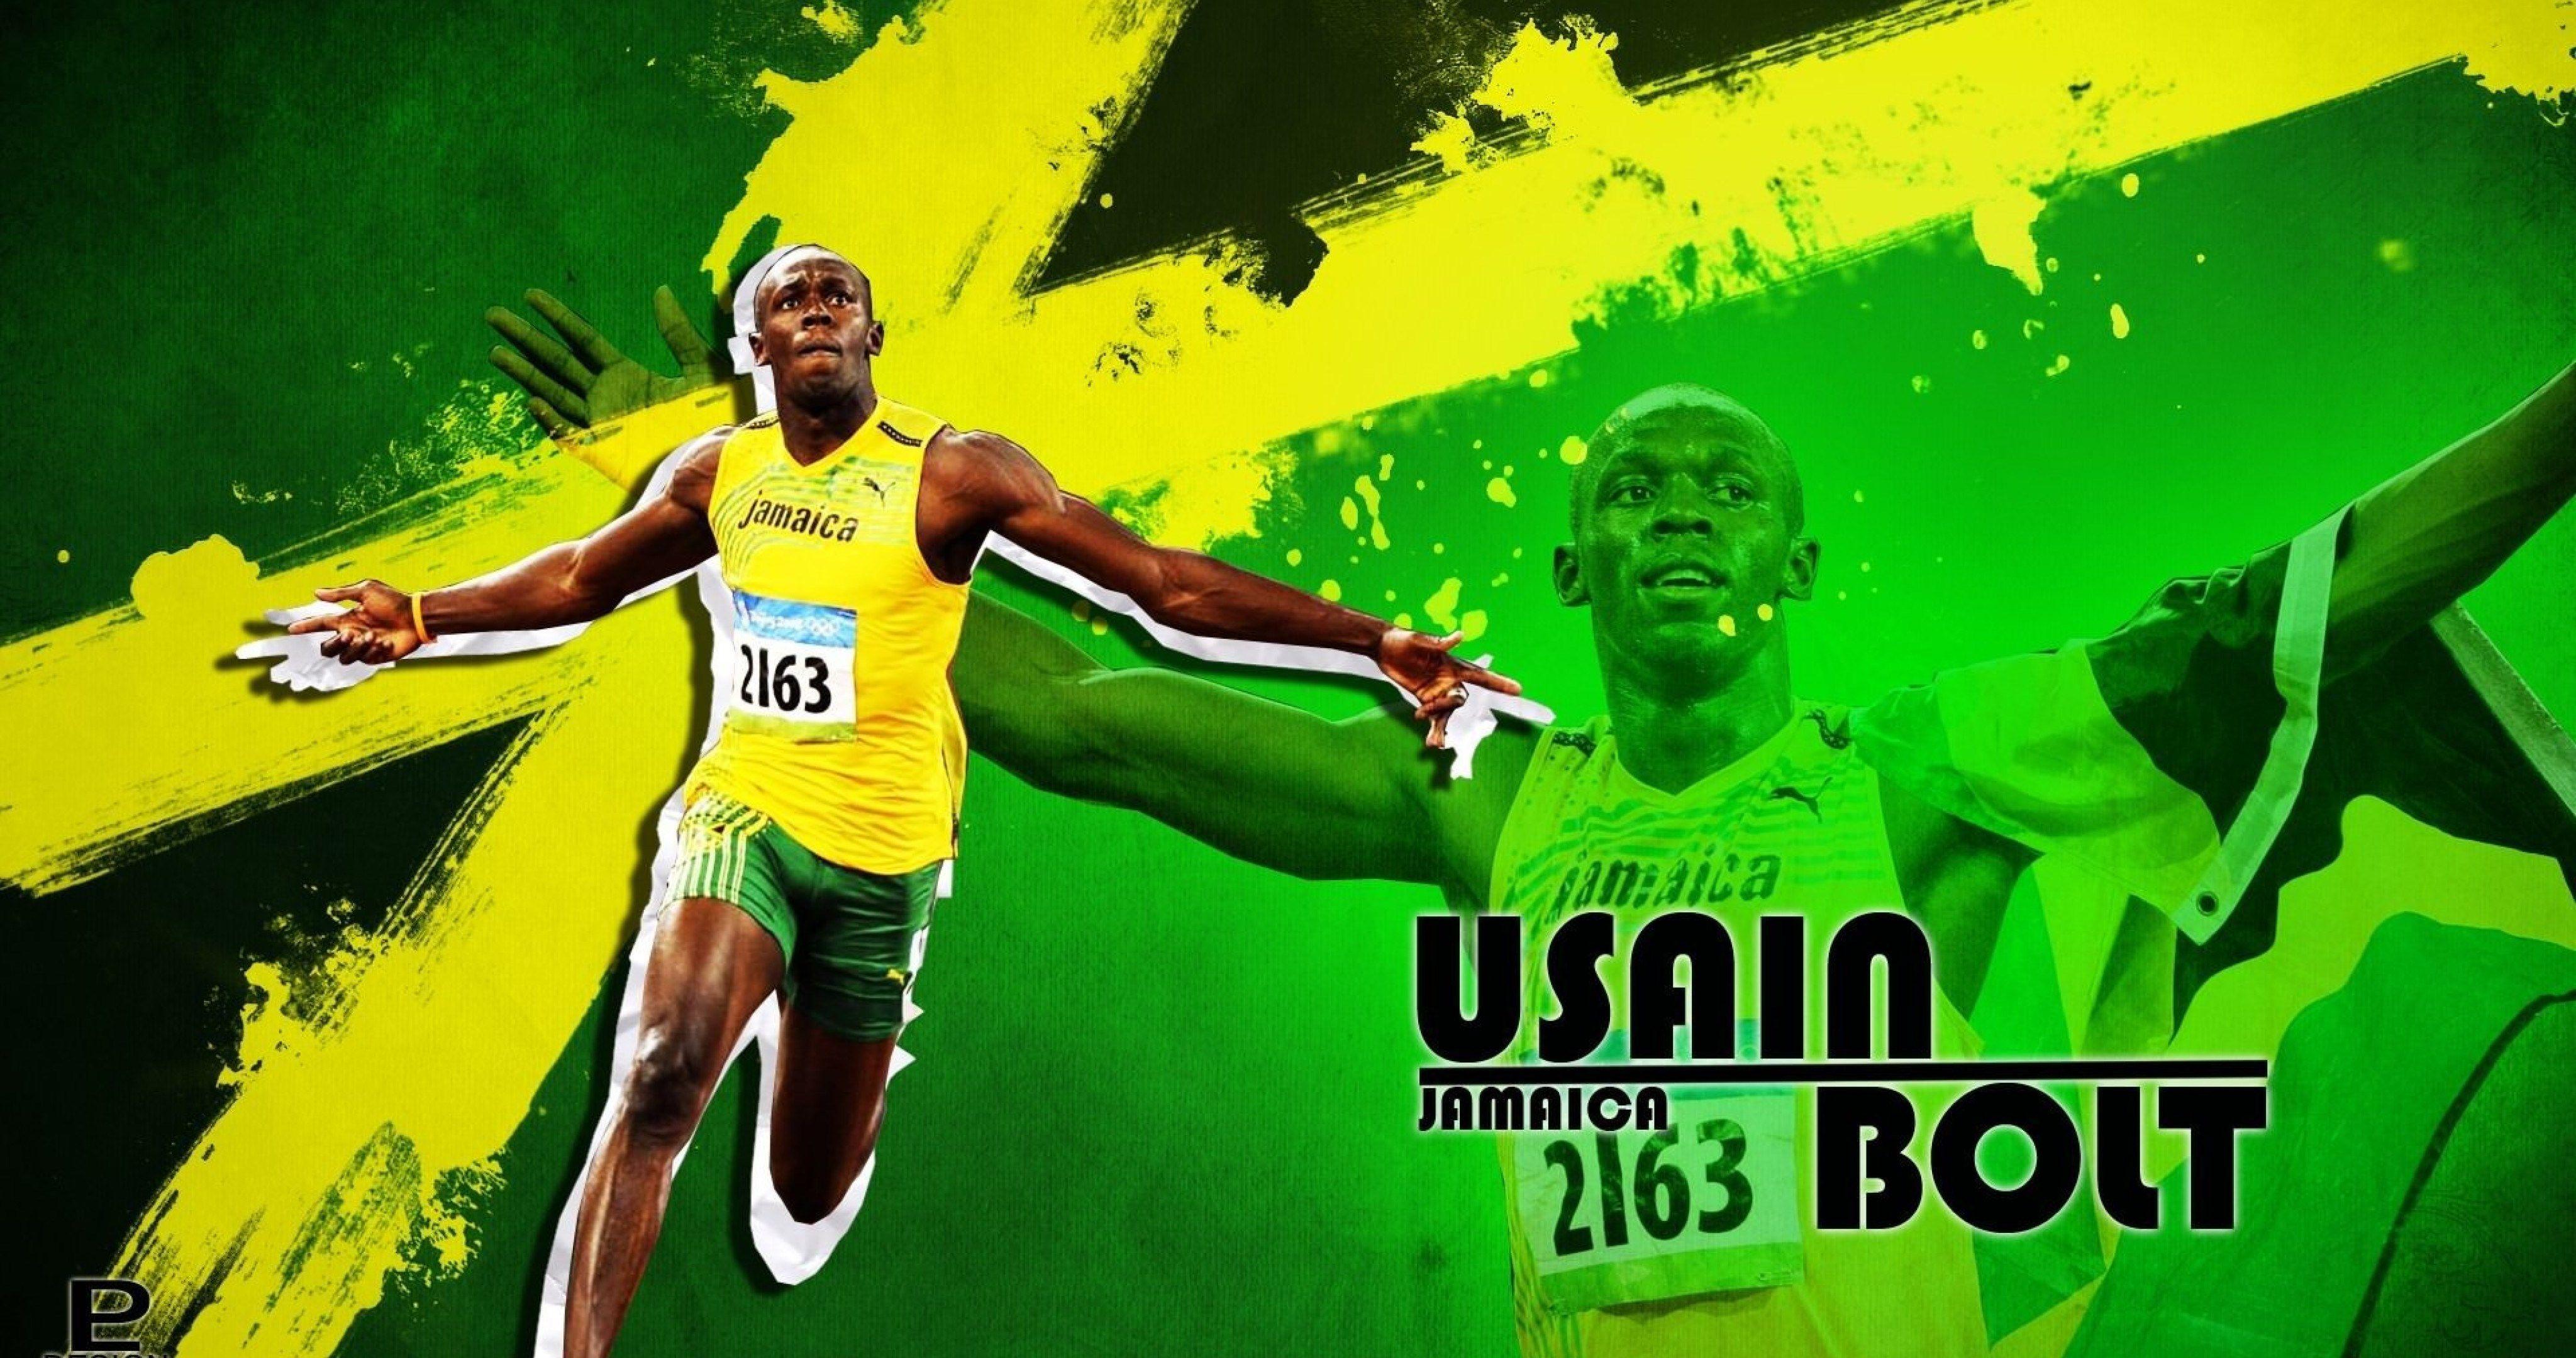 Usain Bolt Sprinter 4k Ultra Hd Wallpaper